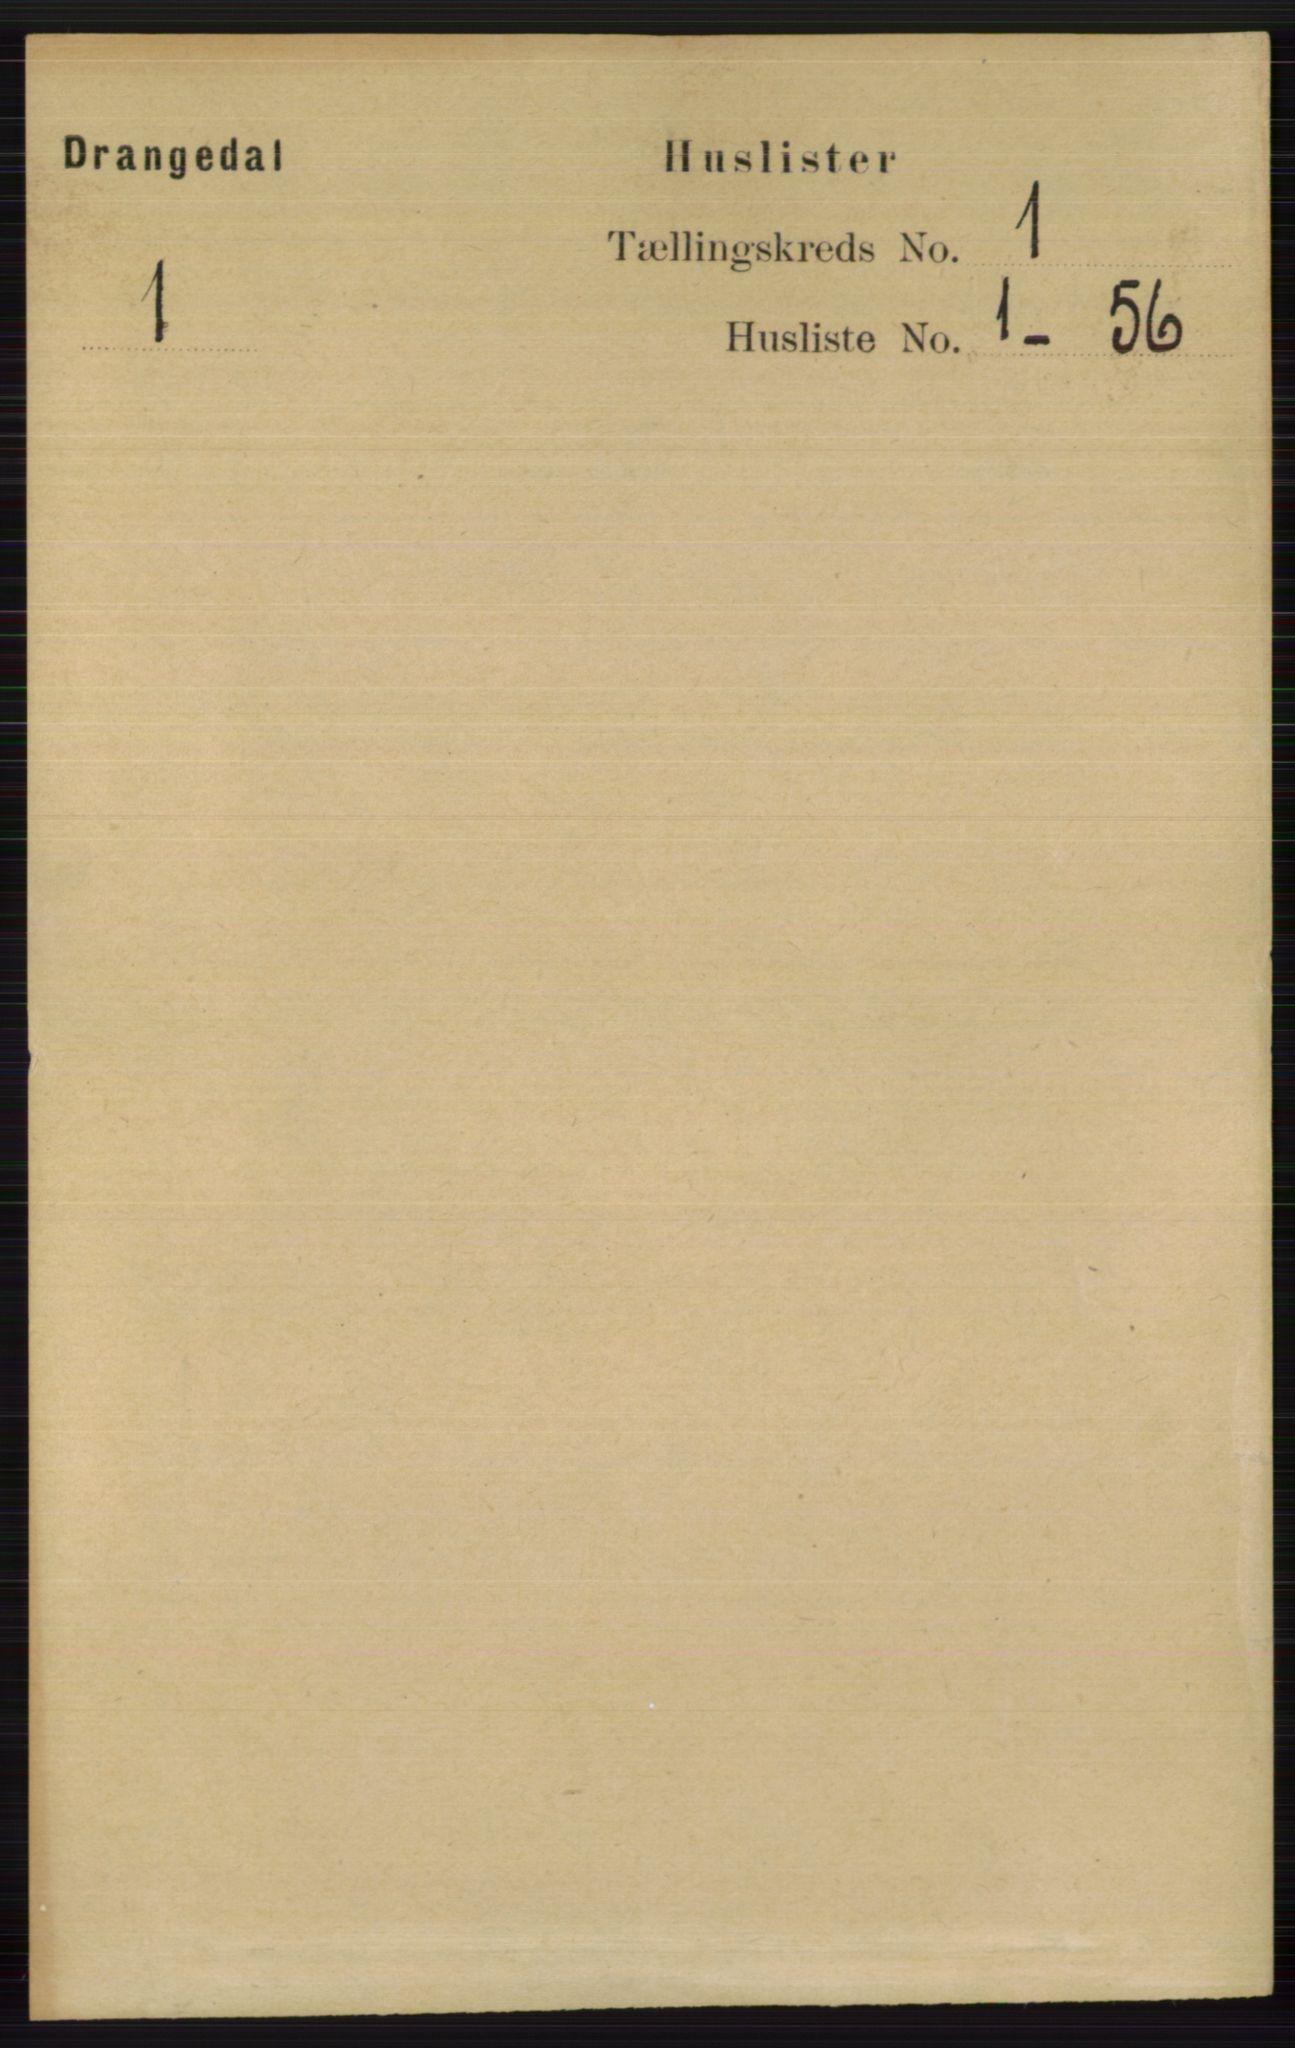 RA, Folketelling 1891 for 0817 Drangedal herred, 1891, s. 31